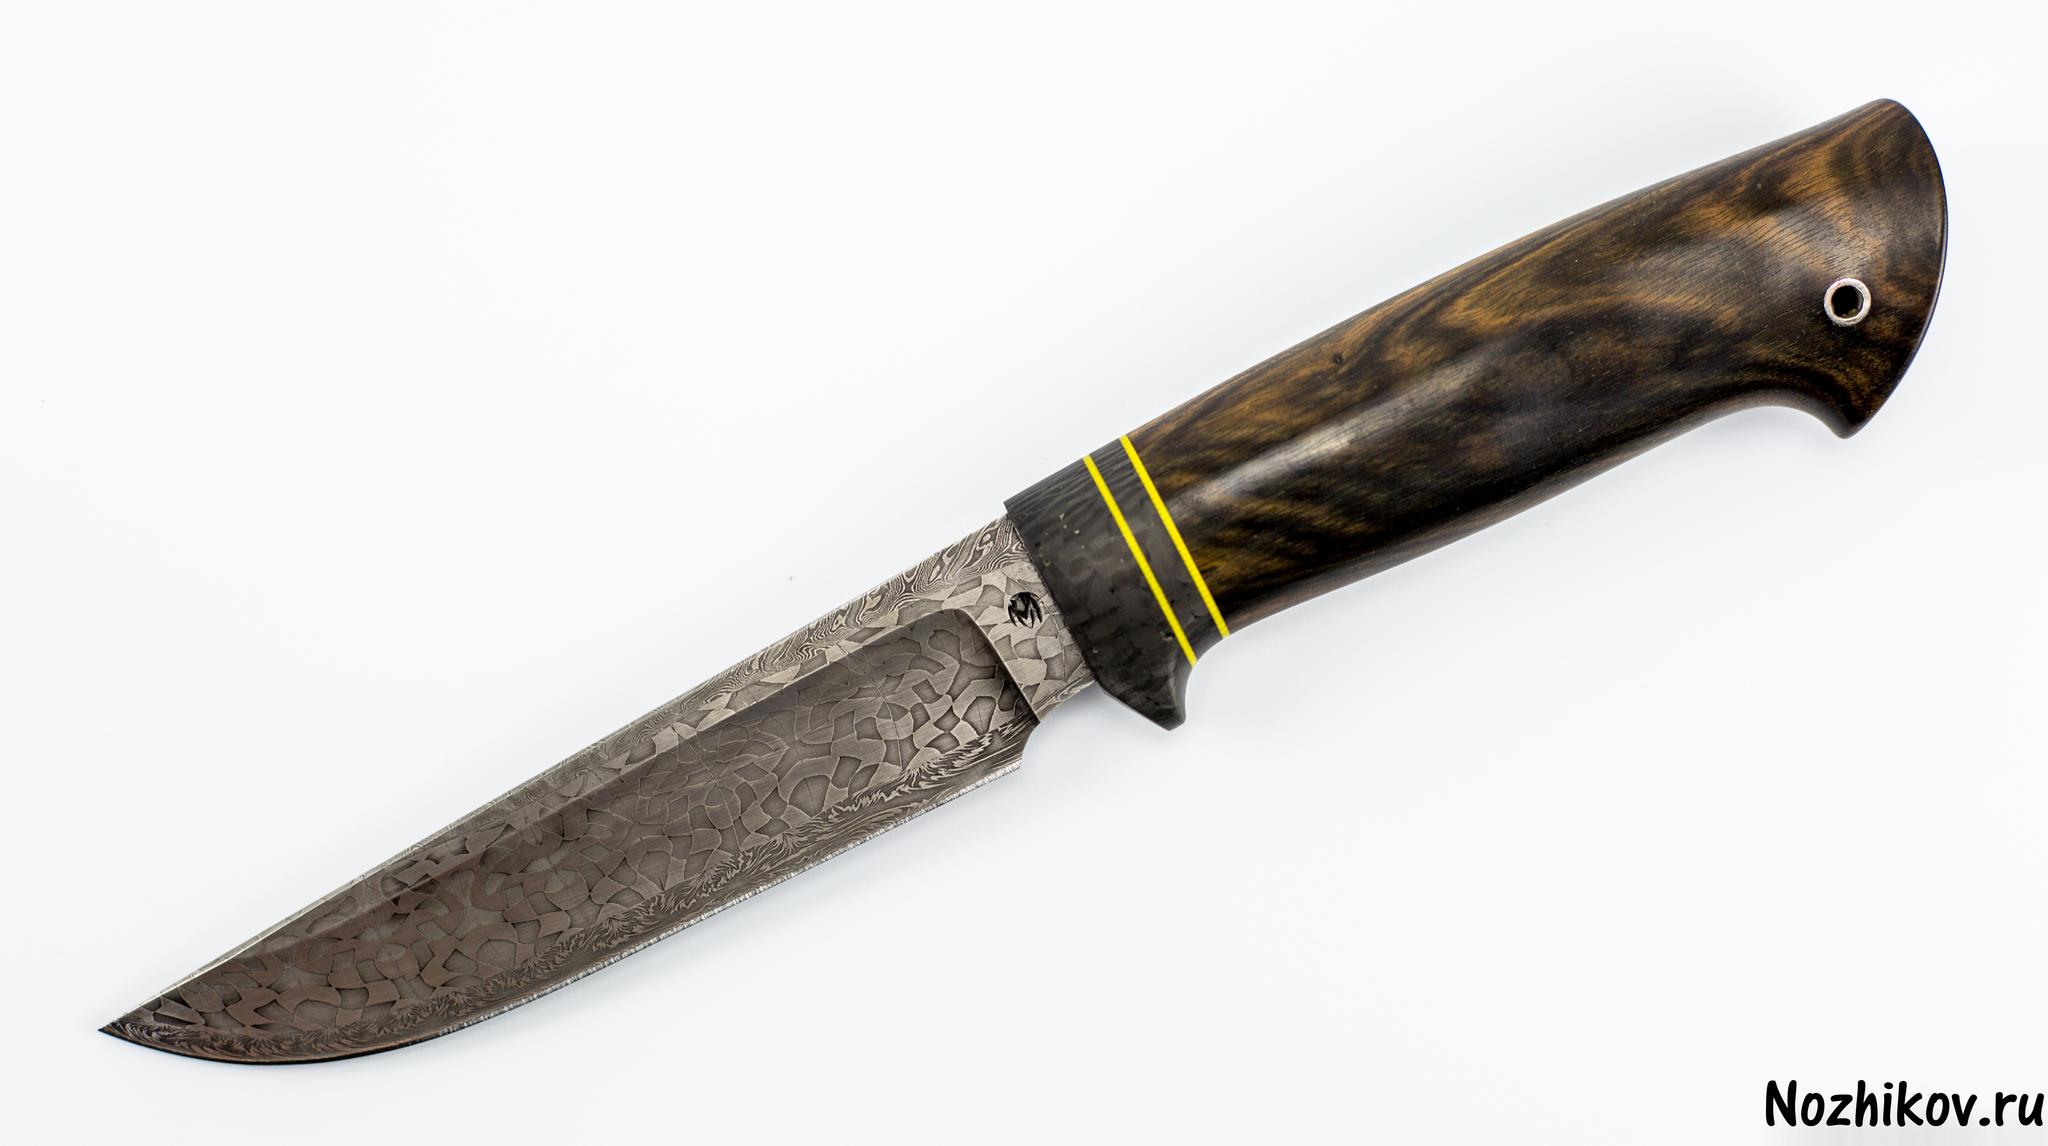 Нож из мозаичного дамаска №5, эбеновое дерево, карбонНожи Ворсма<br>Нож Кузнеца Матвеева, мозаичный дамаск+быстрорез, эбеновое дерево.<br>